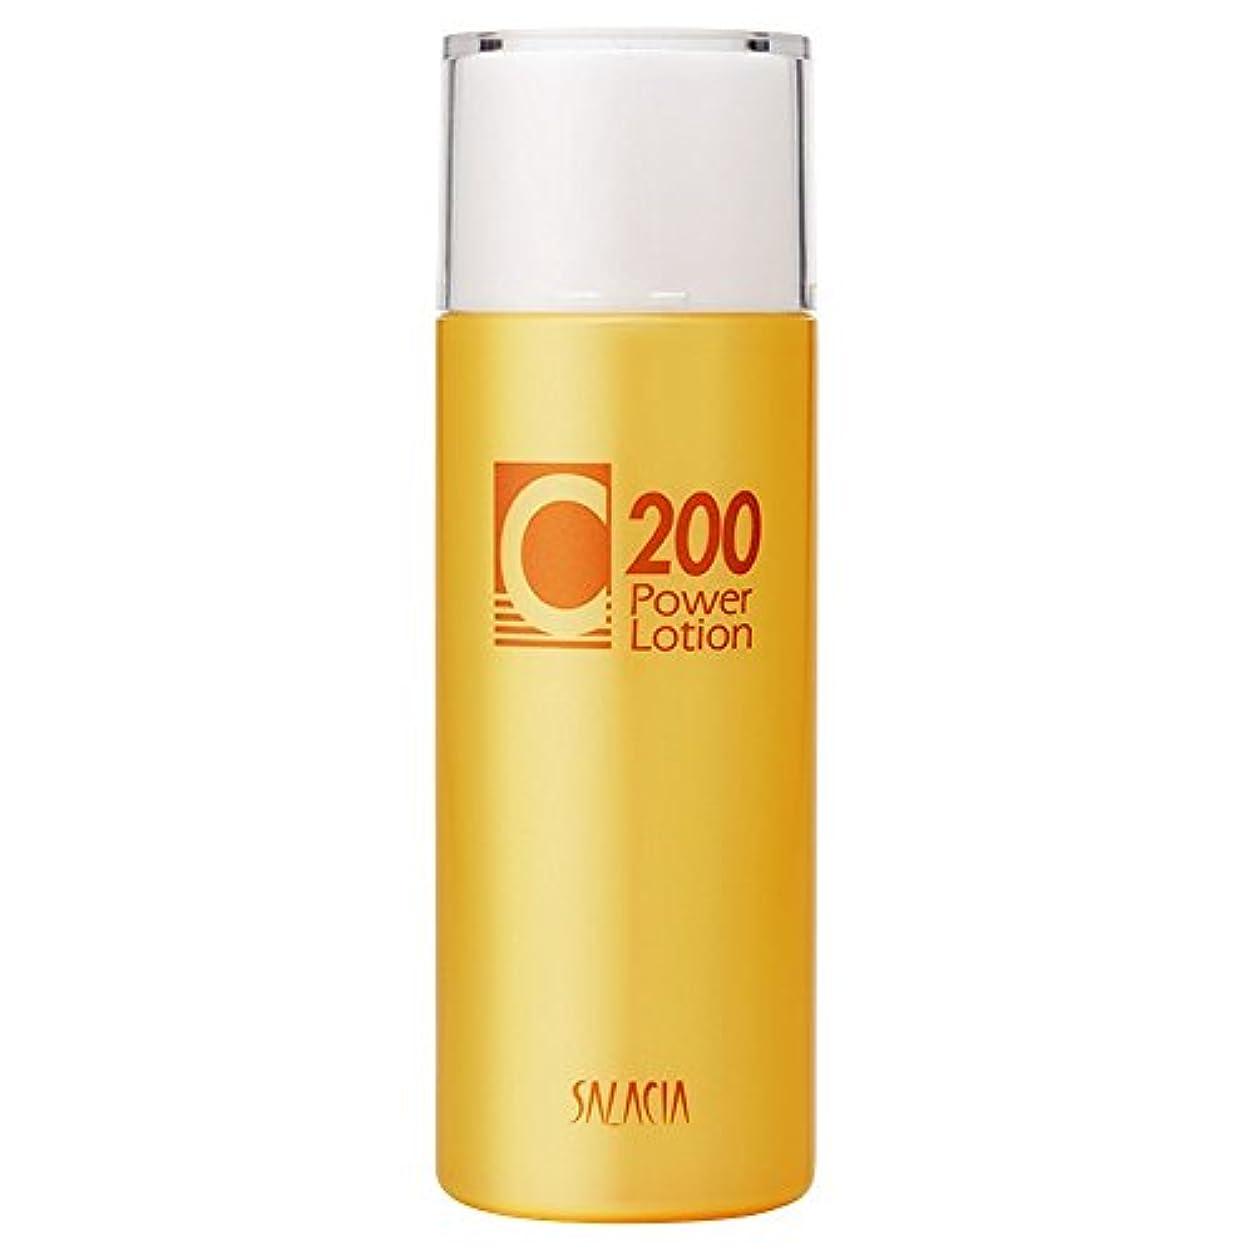 結紮進化それに応じてC200 パワーローションS